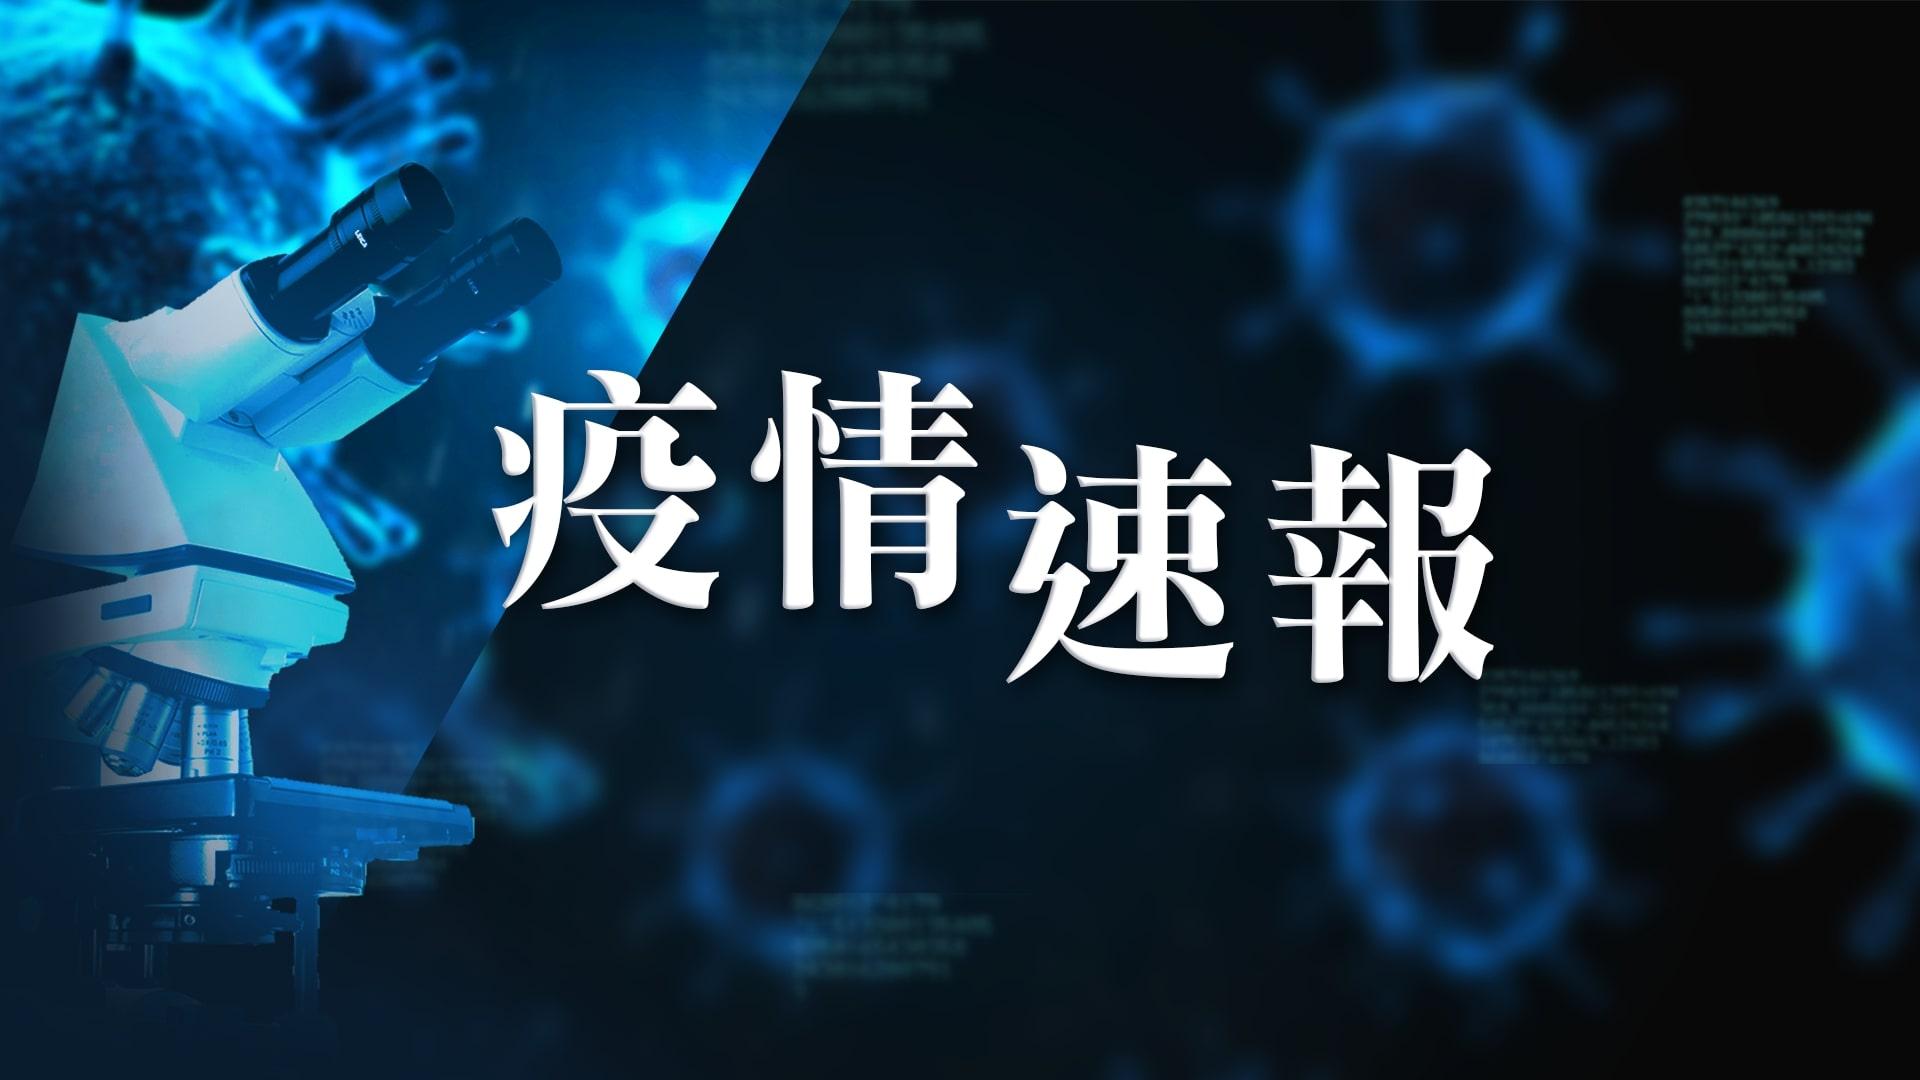 【3月9日疫情速報】(22:10)